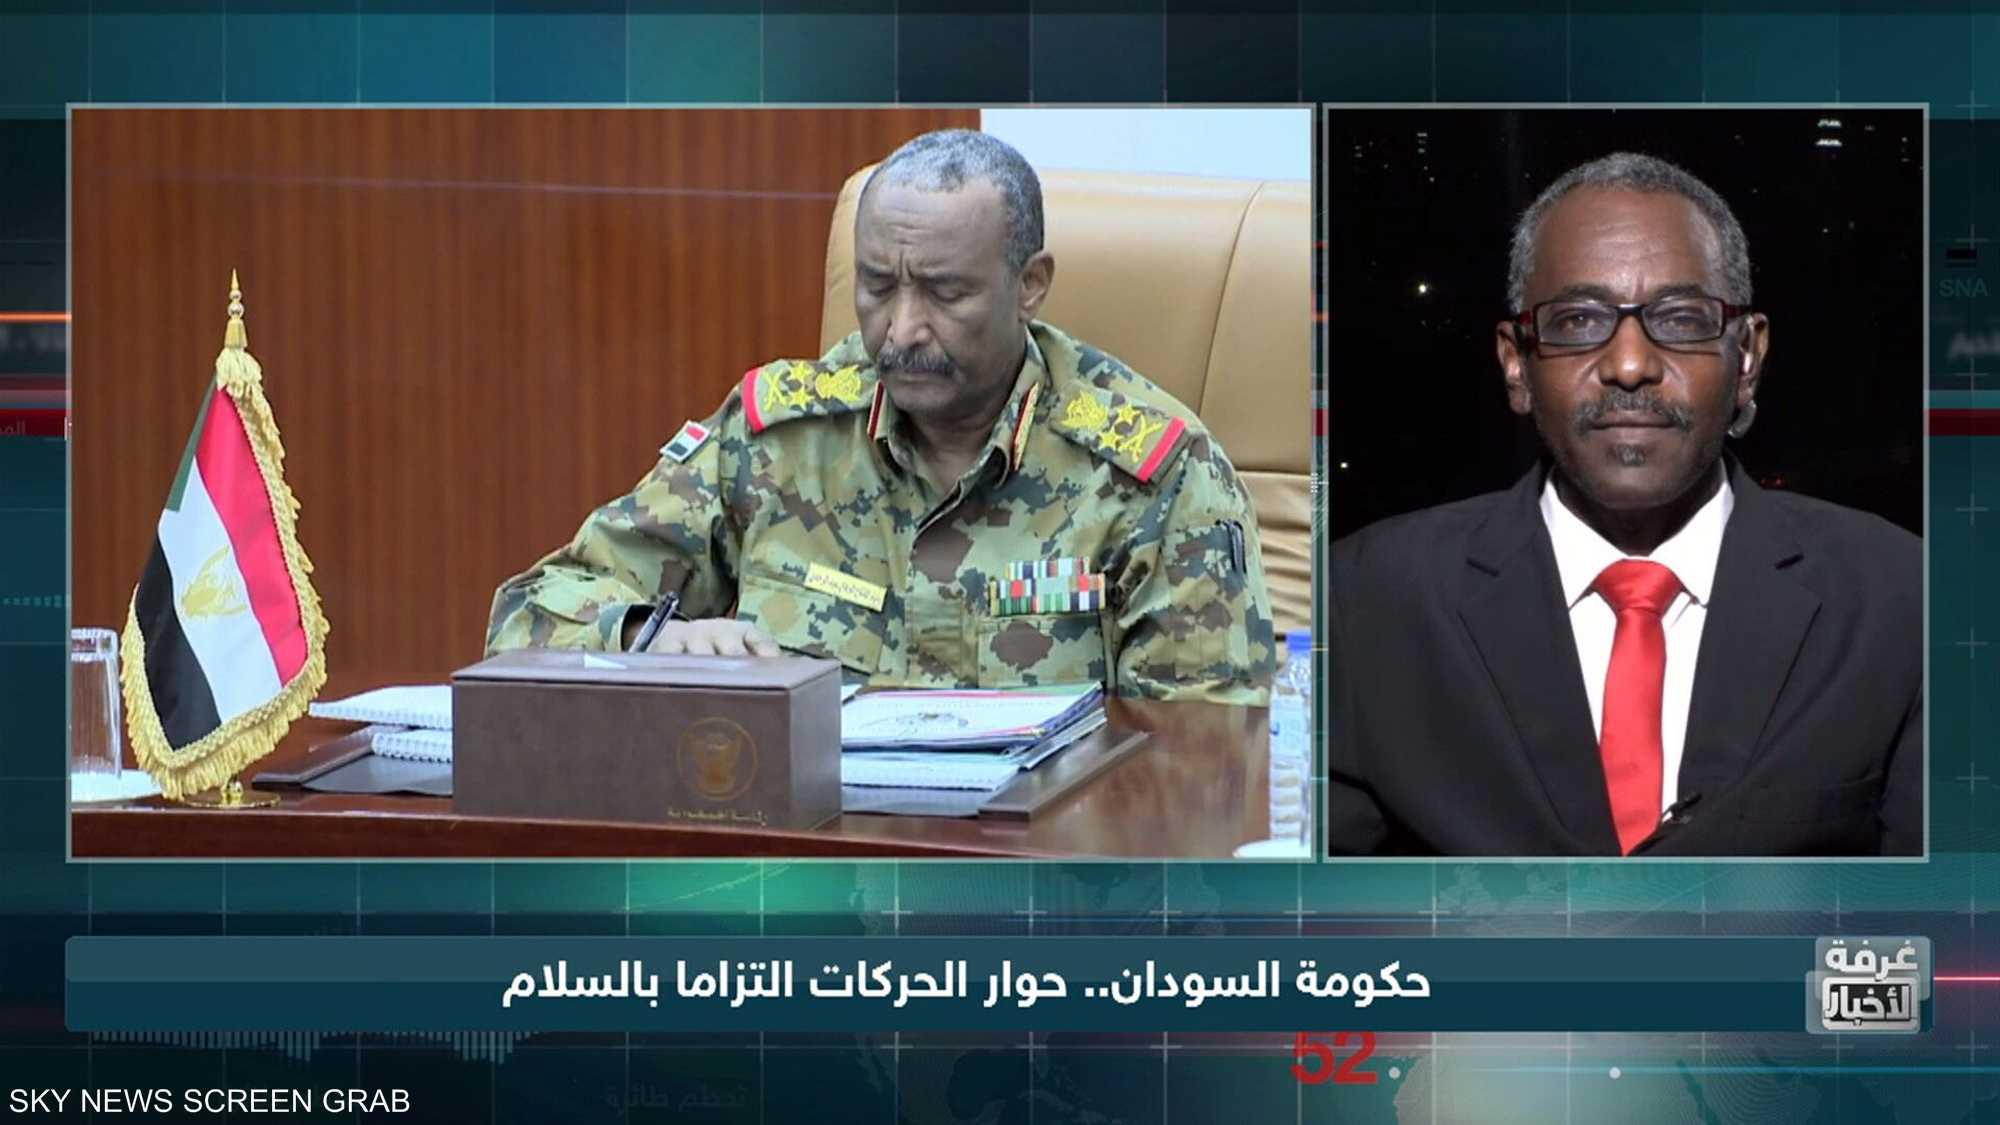 حكومة السودان.. حوار الحركات التزاما بالسلام